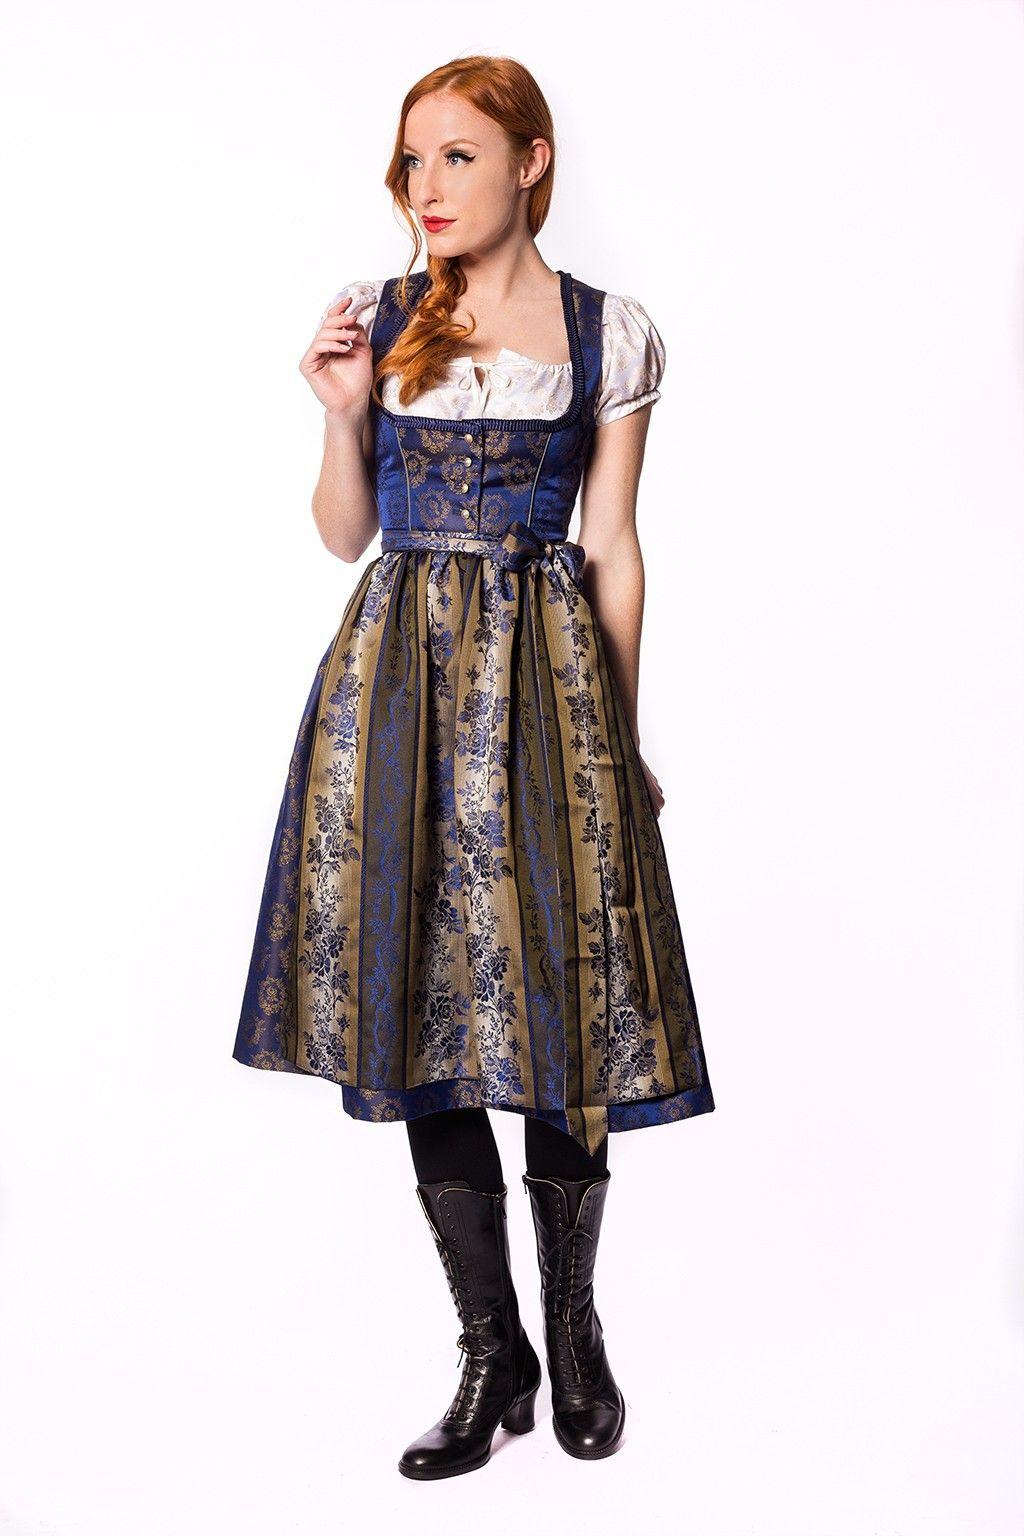 841f65997c4ab Designer Dirndl Julia Trentini Klara 70 cm blau gold | Dirndl ...